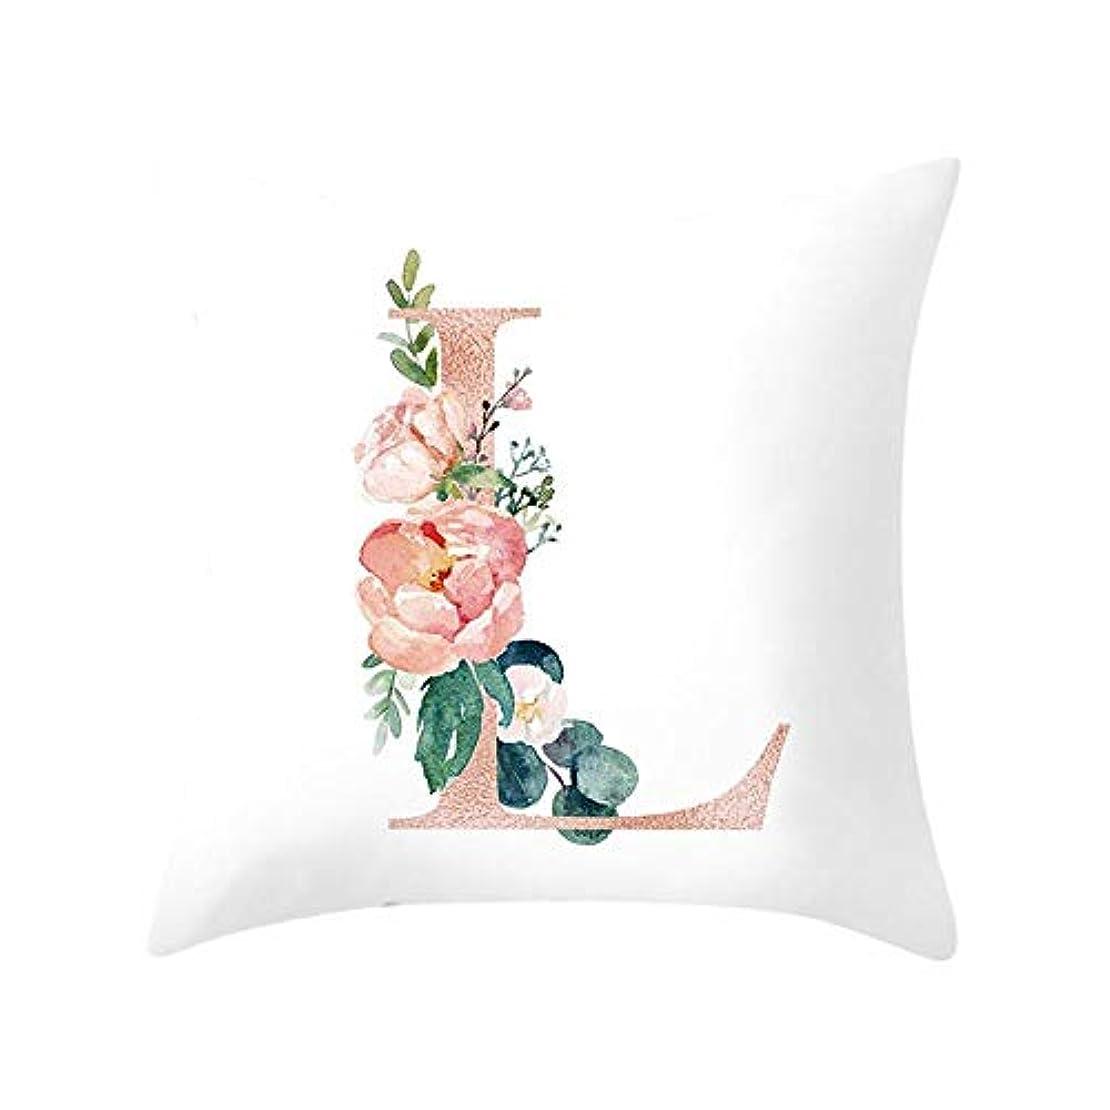 永遠に歩く毎回LIFE 装飾クッションソファ手紙枕アルファベットクッション印刷ソファ家の装飾の花枕 coussin decoratif クッション 椅子